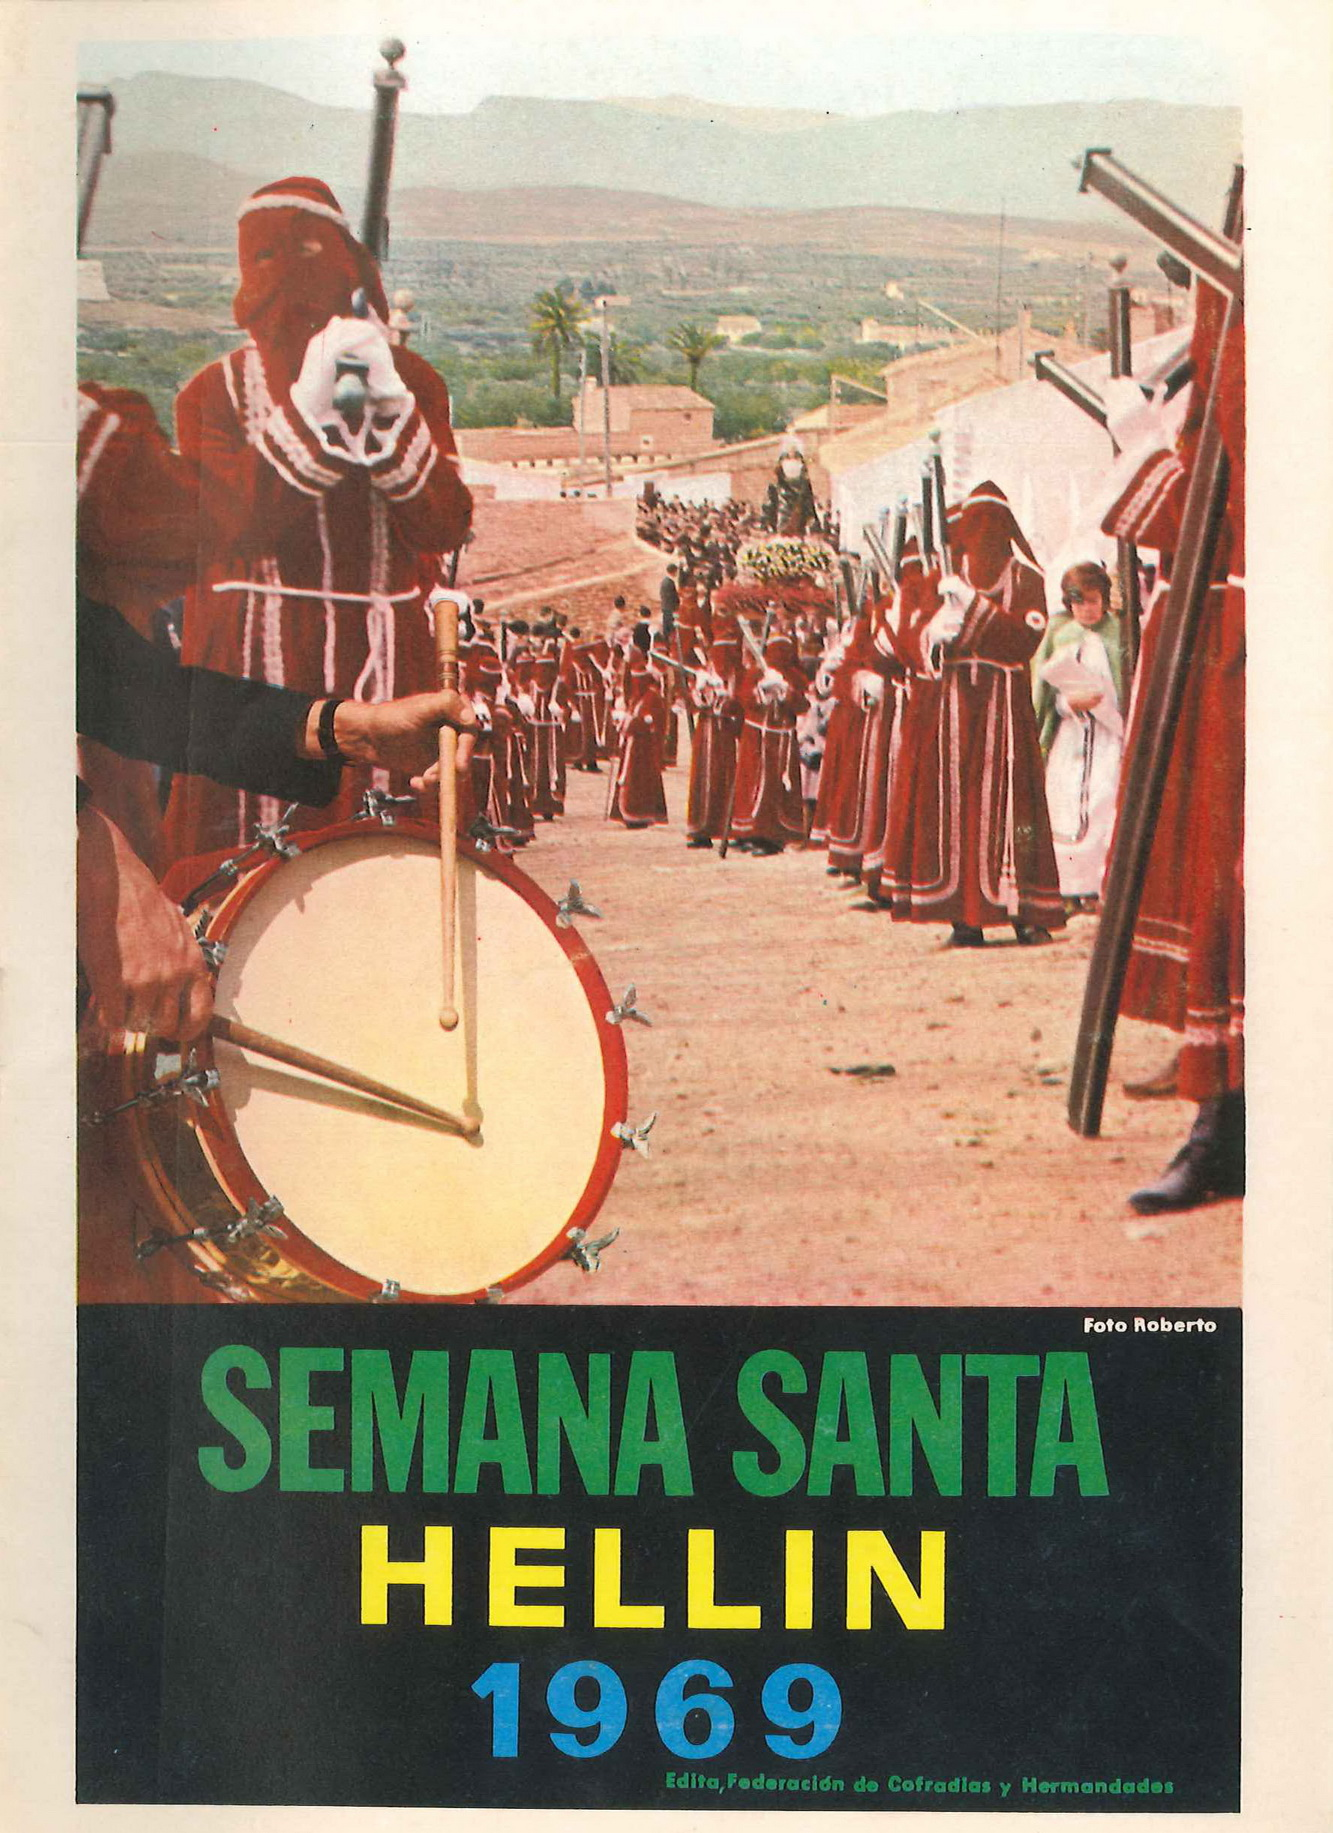 Programa de Actos de Semana Santa de Hellín - 1969